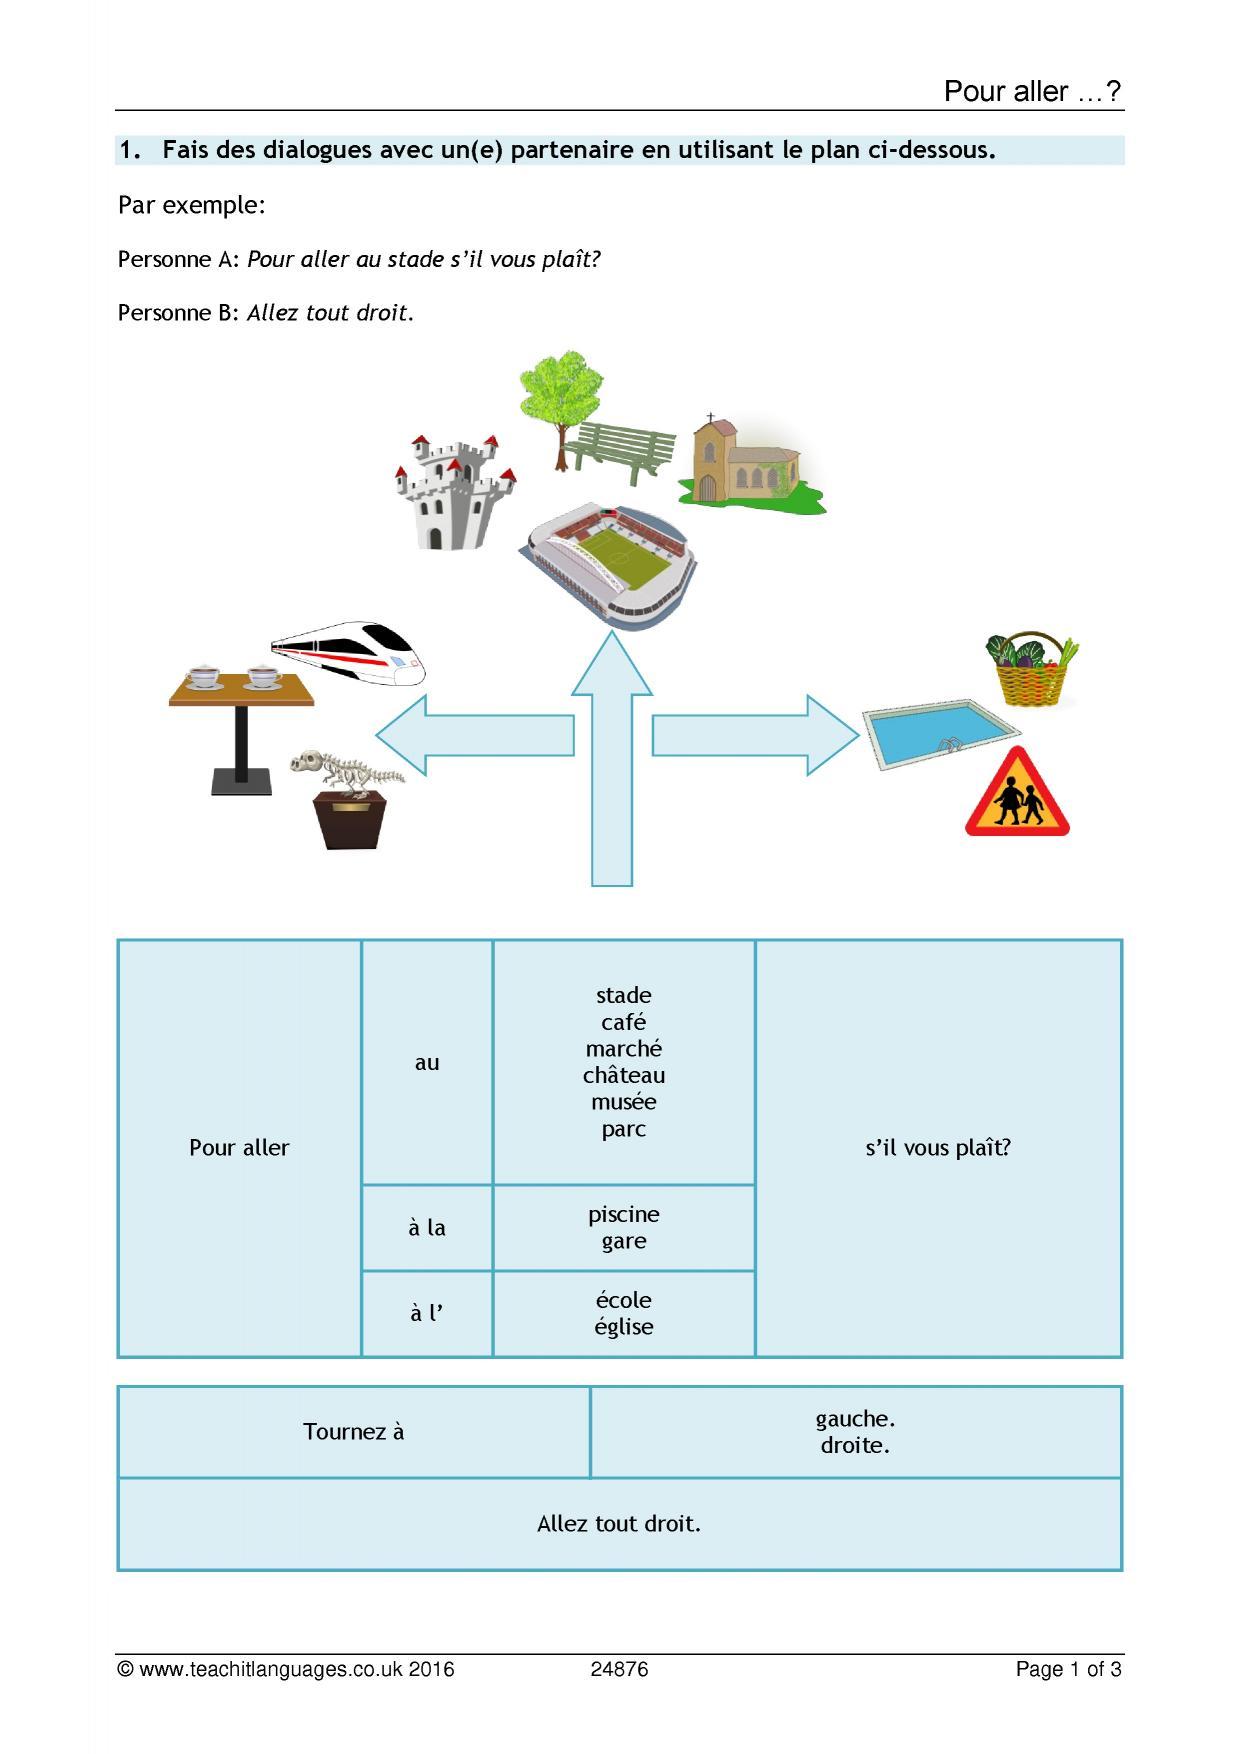 Faire le plan de sa maison maison pneus recycl 0 preview - Logiciel libre plan maison ...